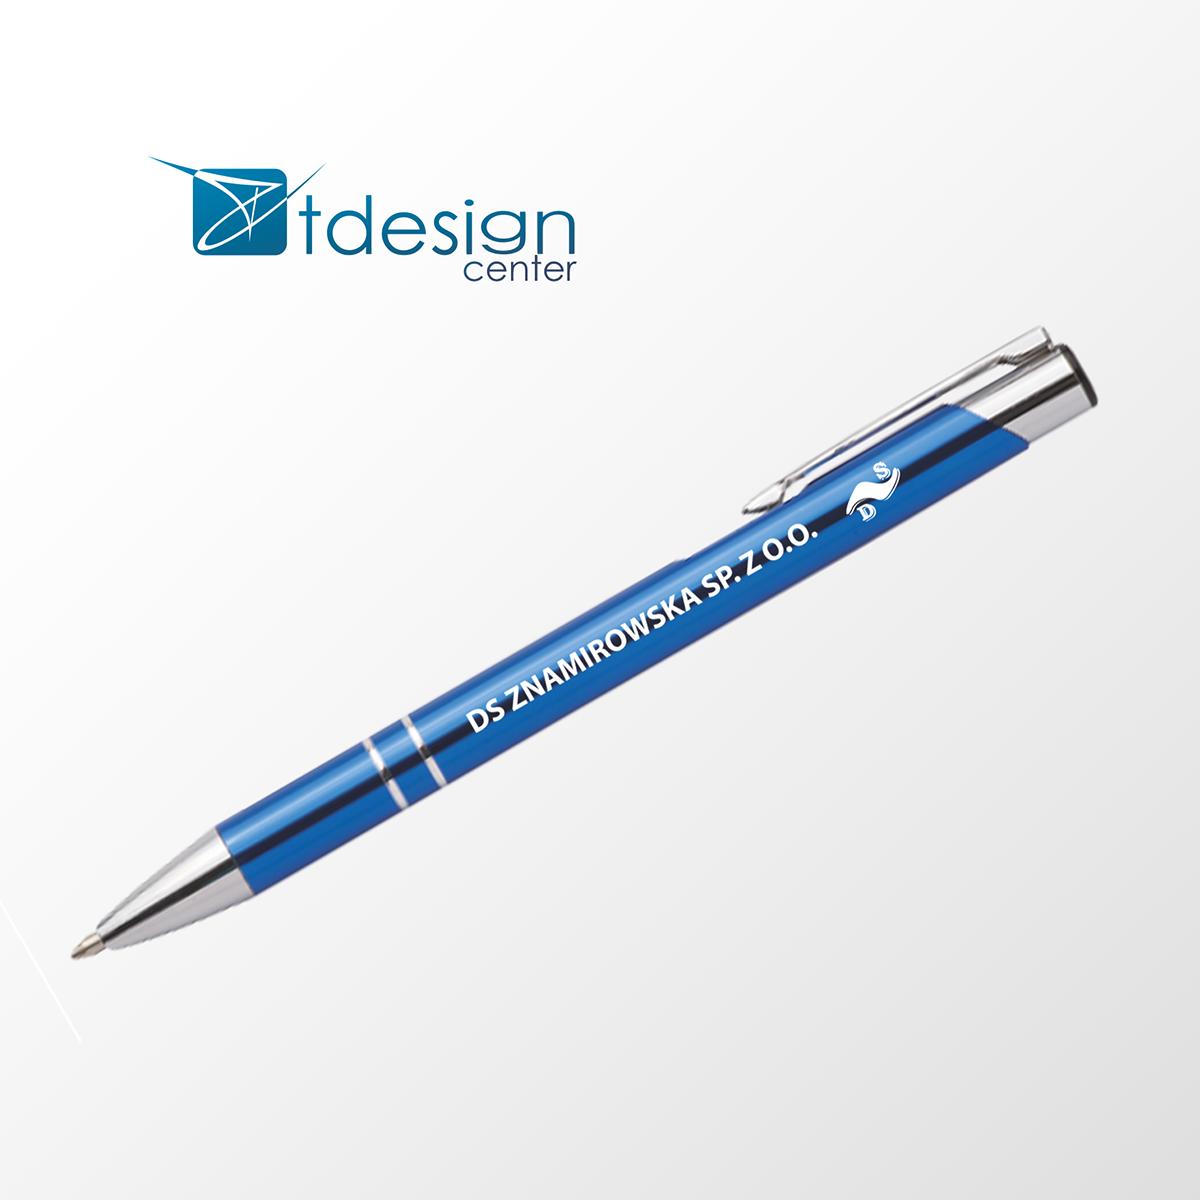 Długopis firmowy /grawer,druk/ - projekt + realizacja